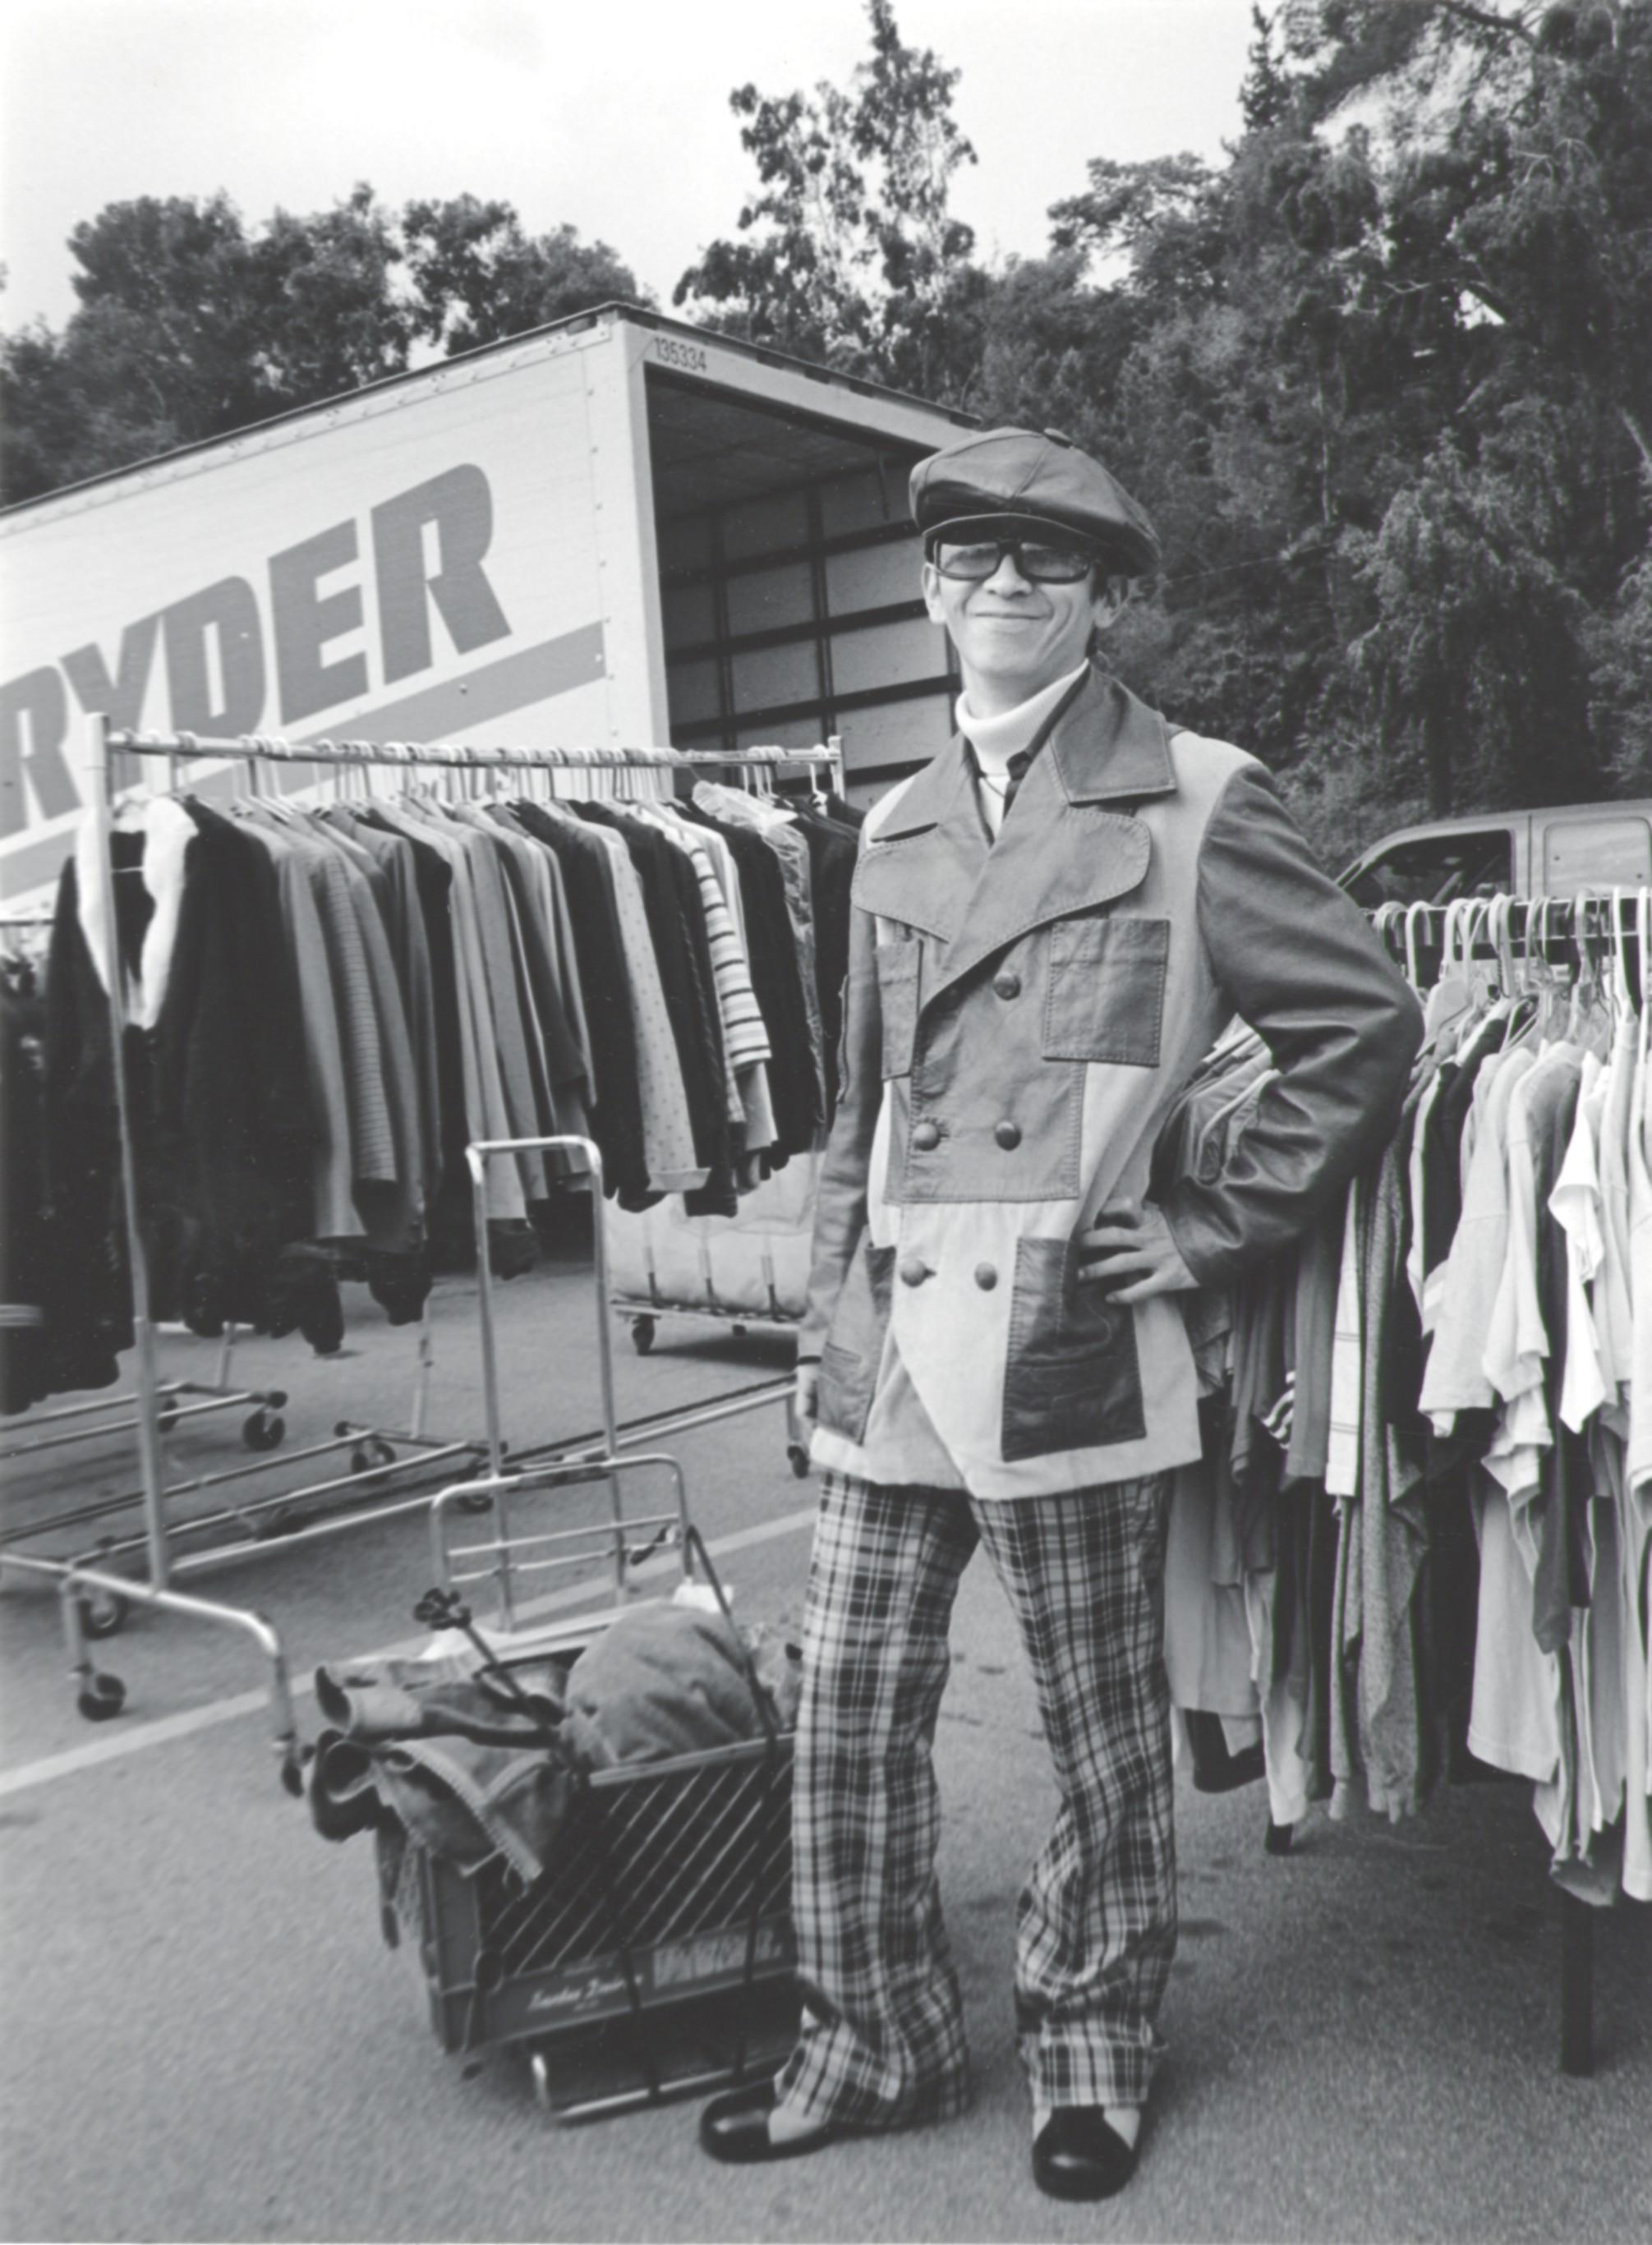 Shopper - Pasadena CA 1999